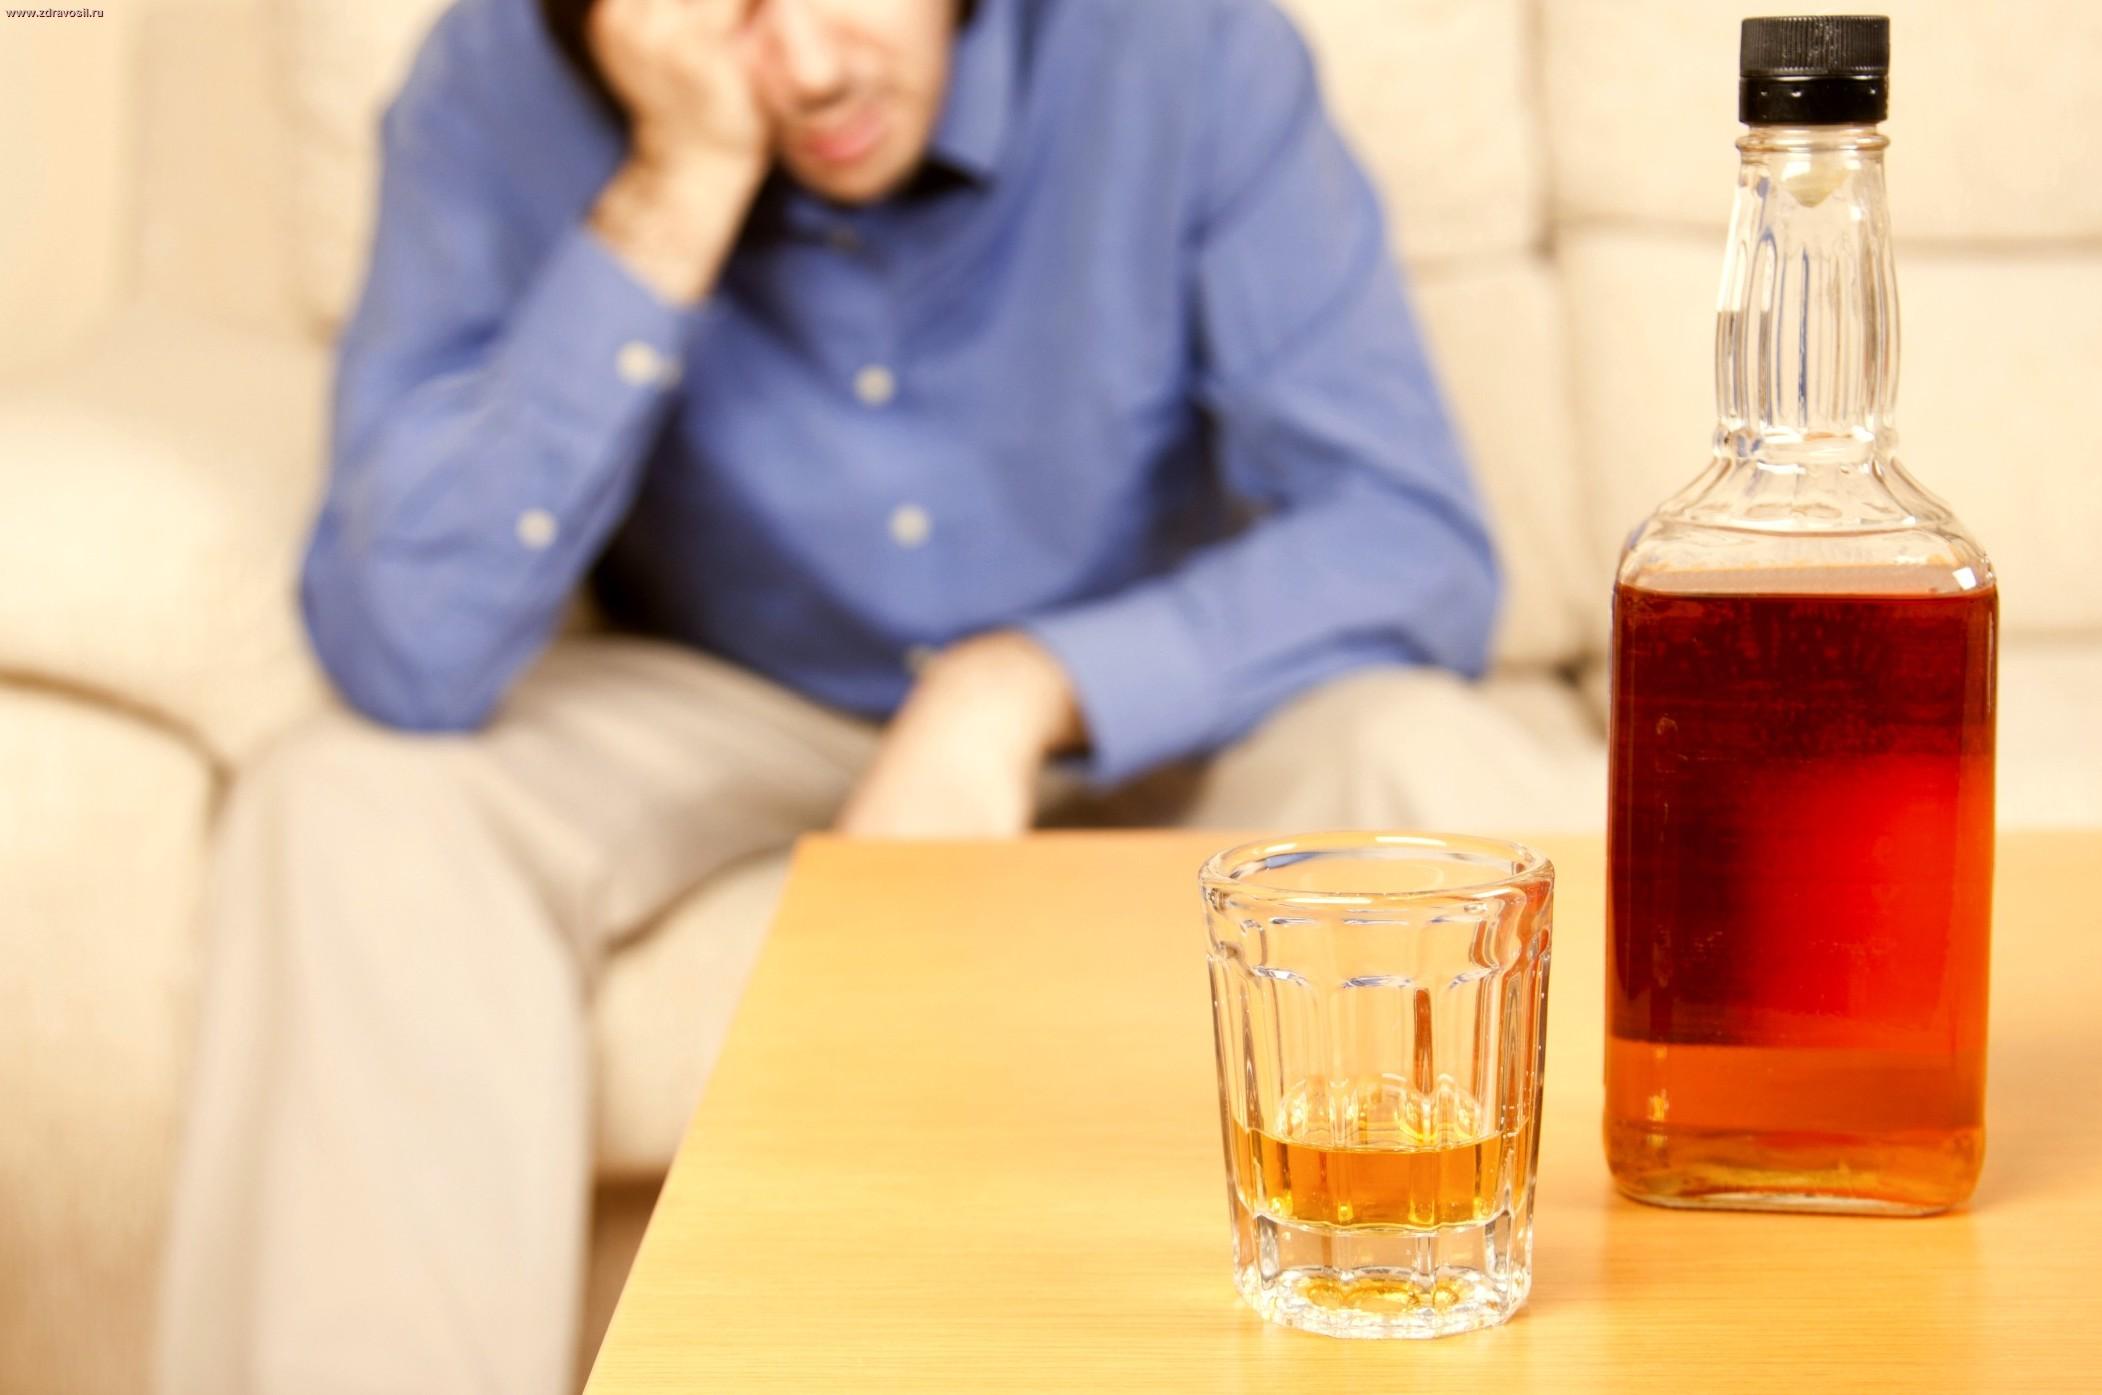 Лечить алкоголизм в домашних условиях